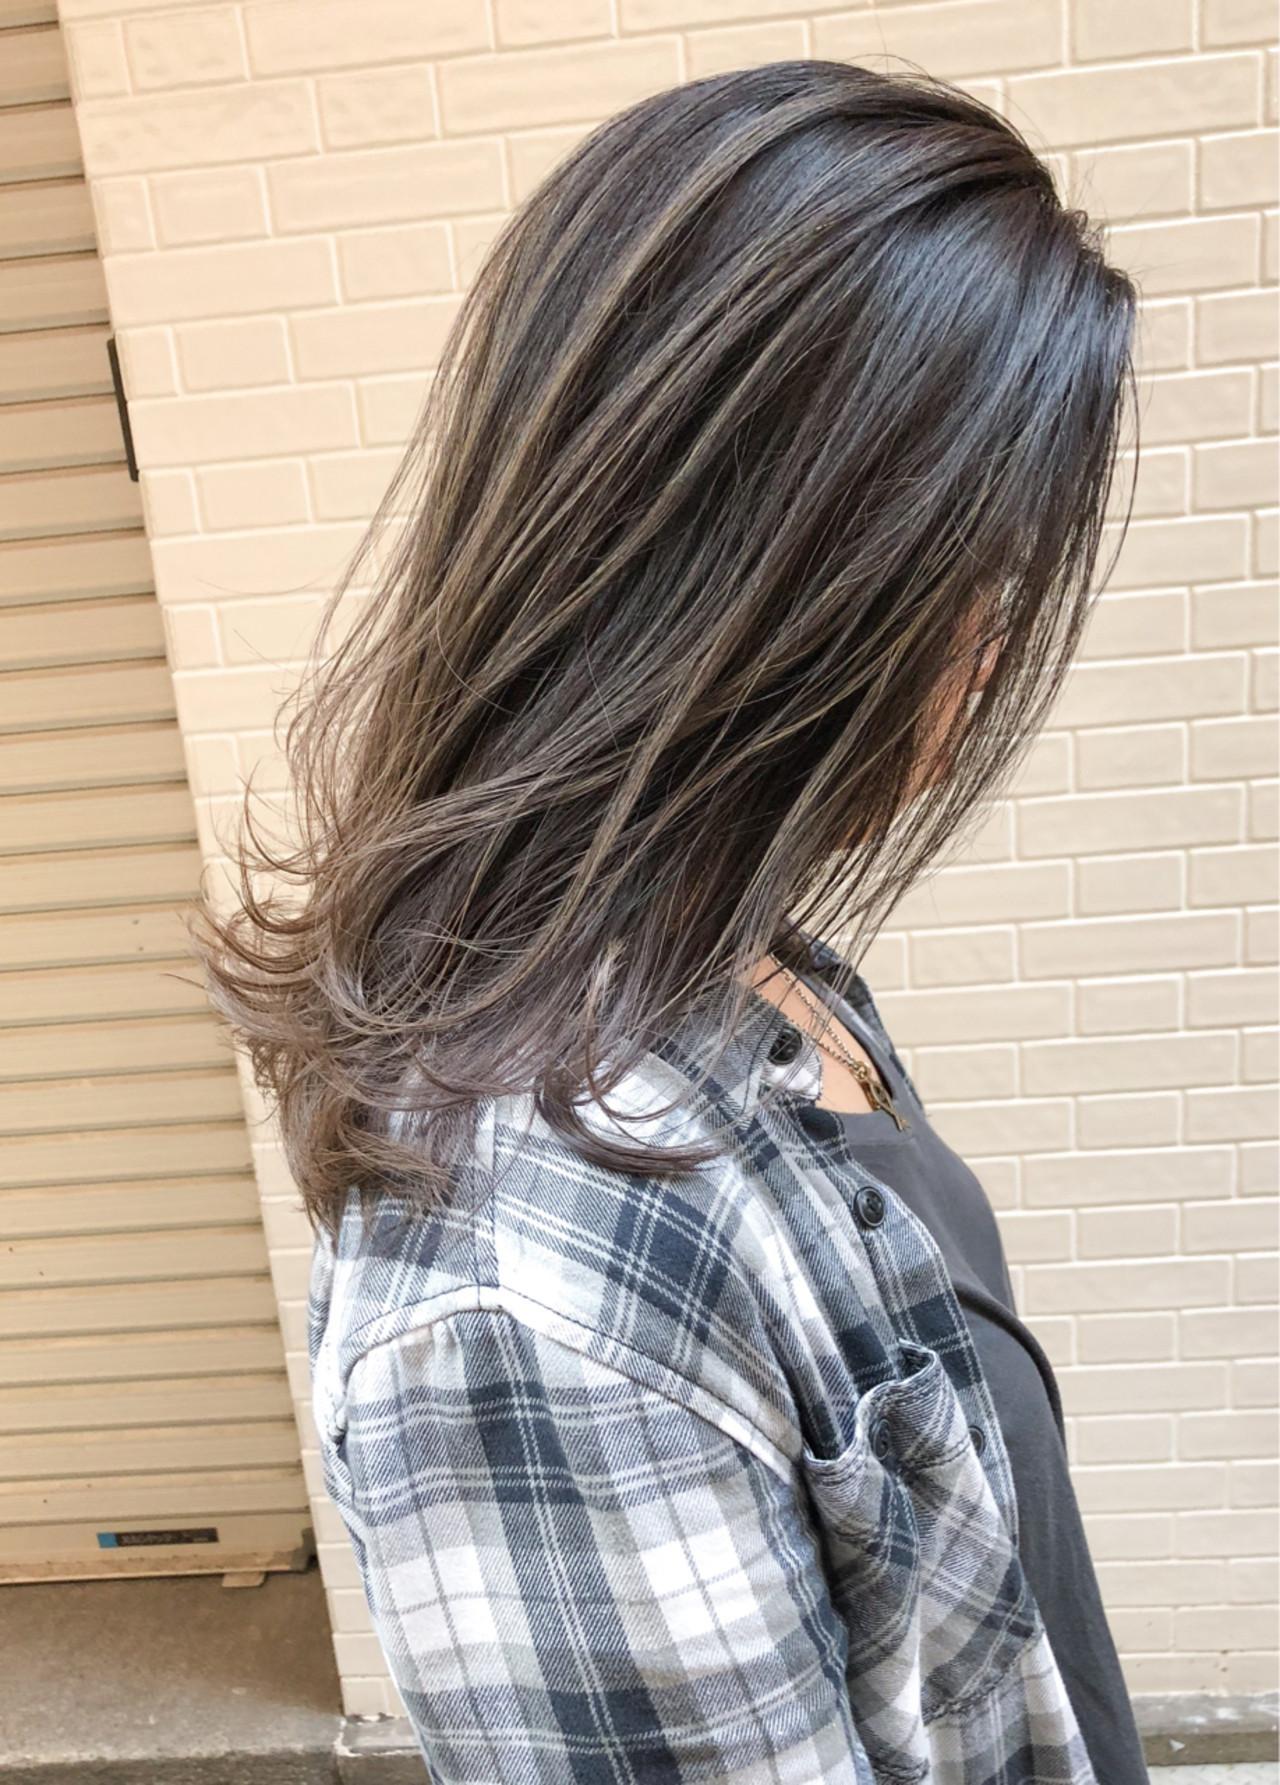 ミディアム 3Dカラー 外国人風 エレガント ヘアスタイルや髪型の写真・画像